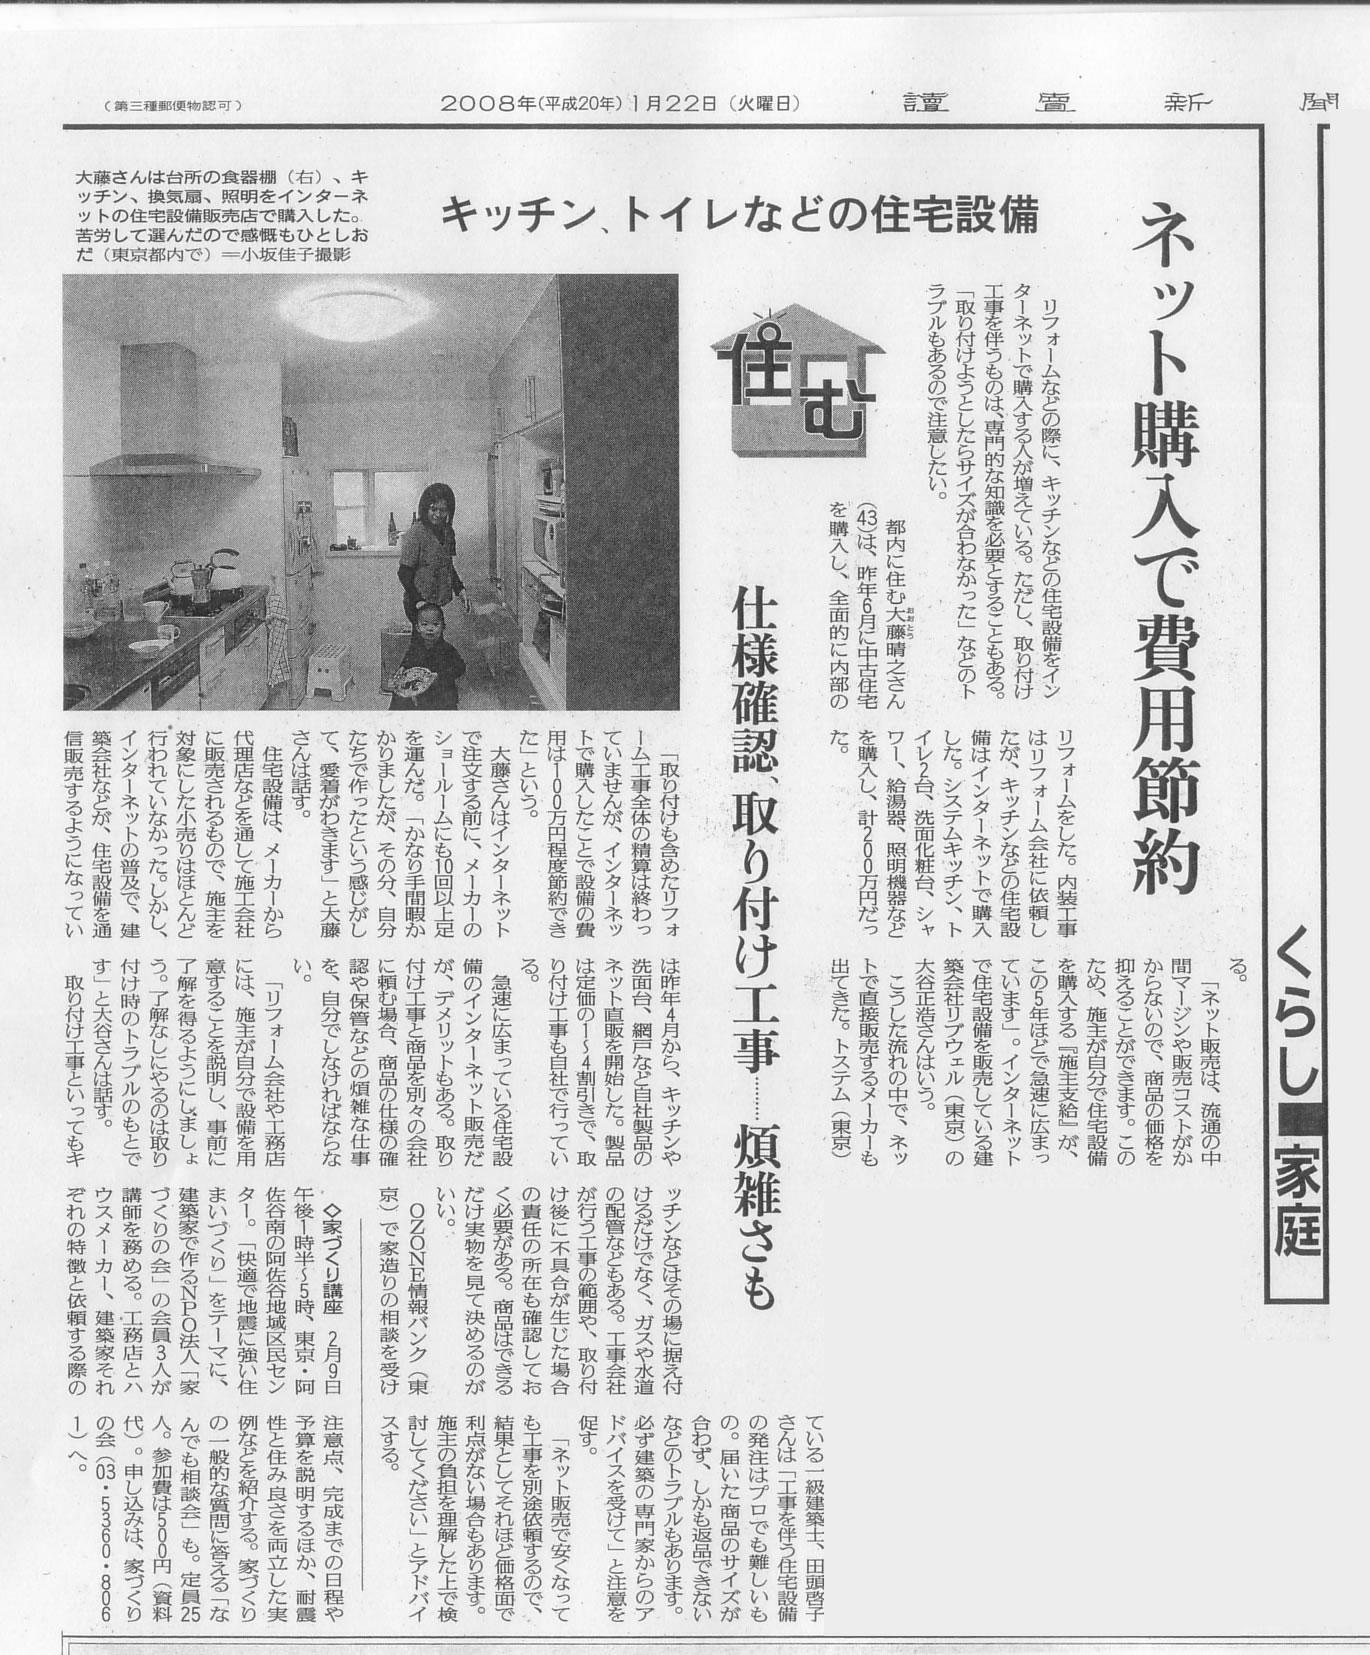 あの施主支給システムがついに新聞で紹介されました